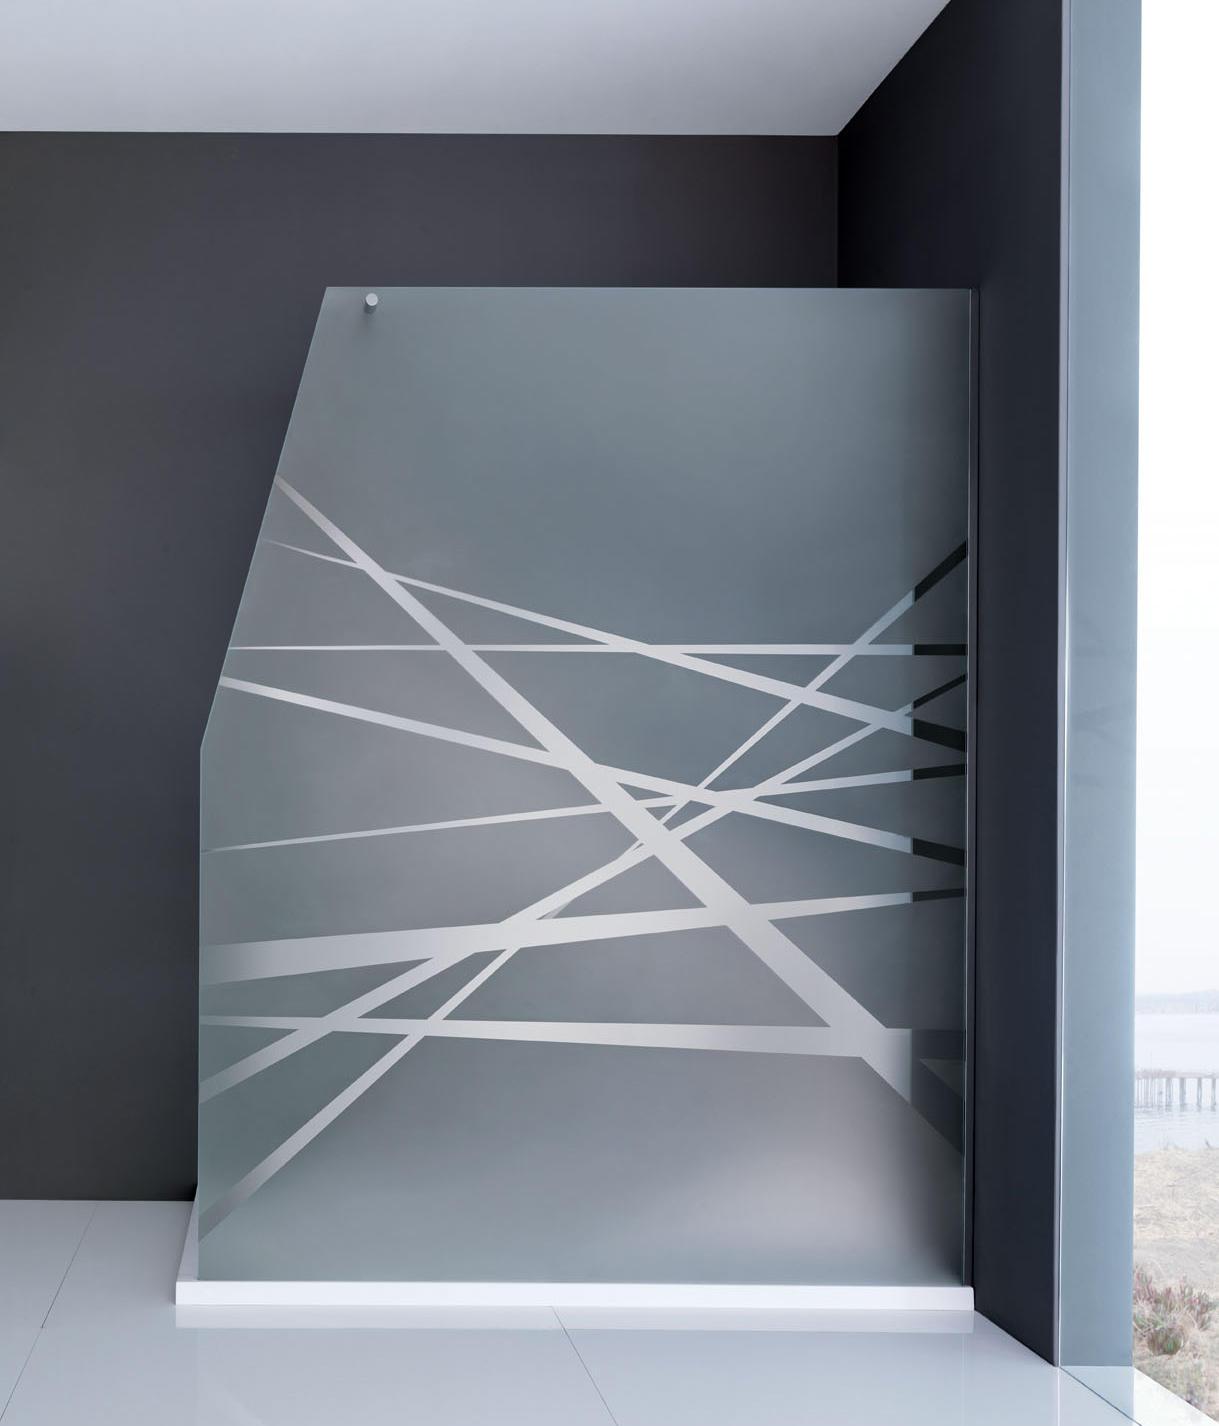 koral decoro pare douches de mastella design architonic. Black Bedroom Furniture Sets. Home Design Ideas